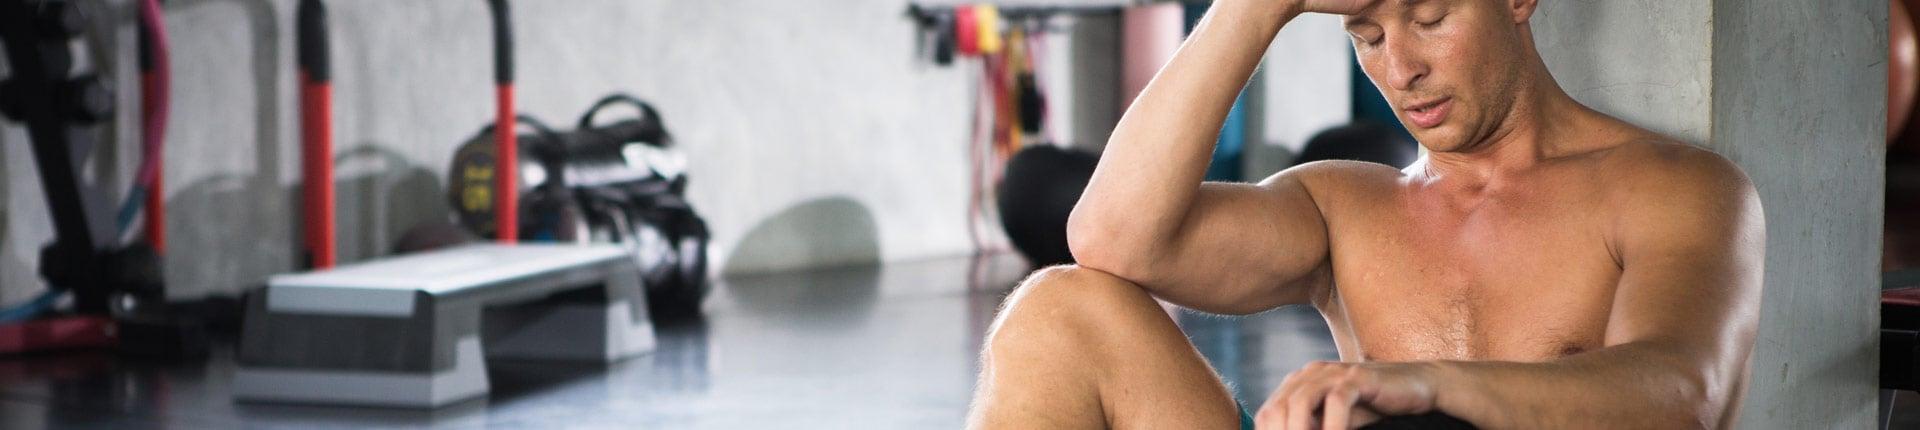 Twój treningi dieta nie przynosi efektów? Poznaj 7 najczęstszych powodów!